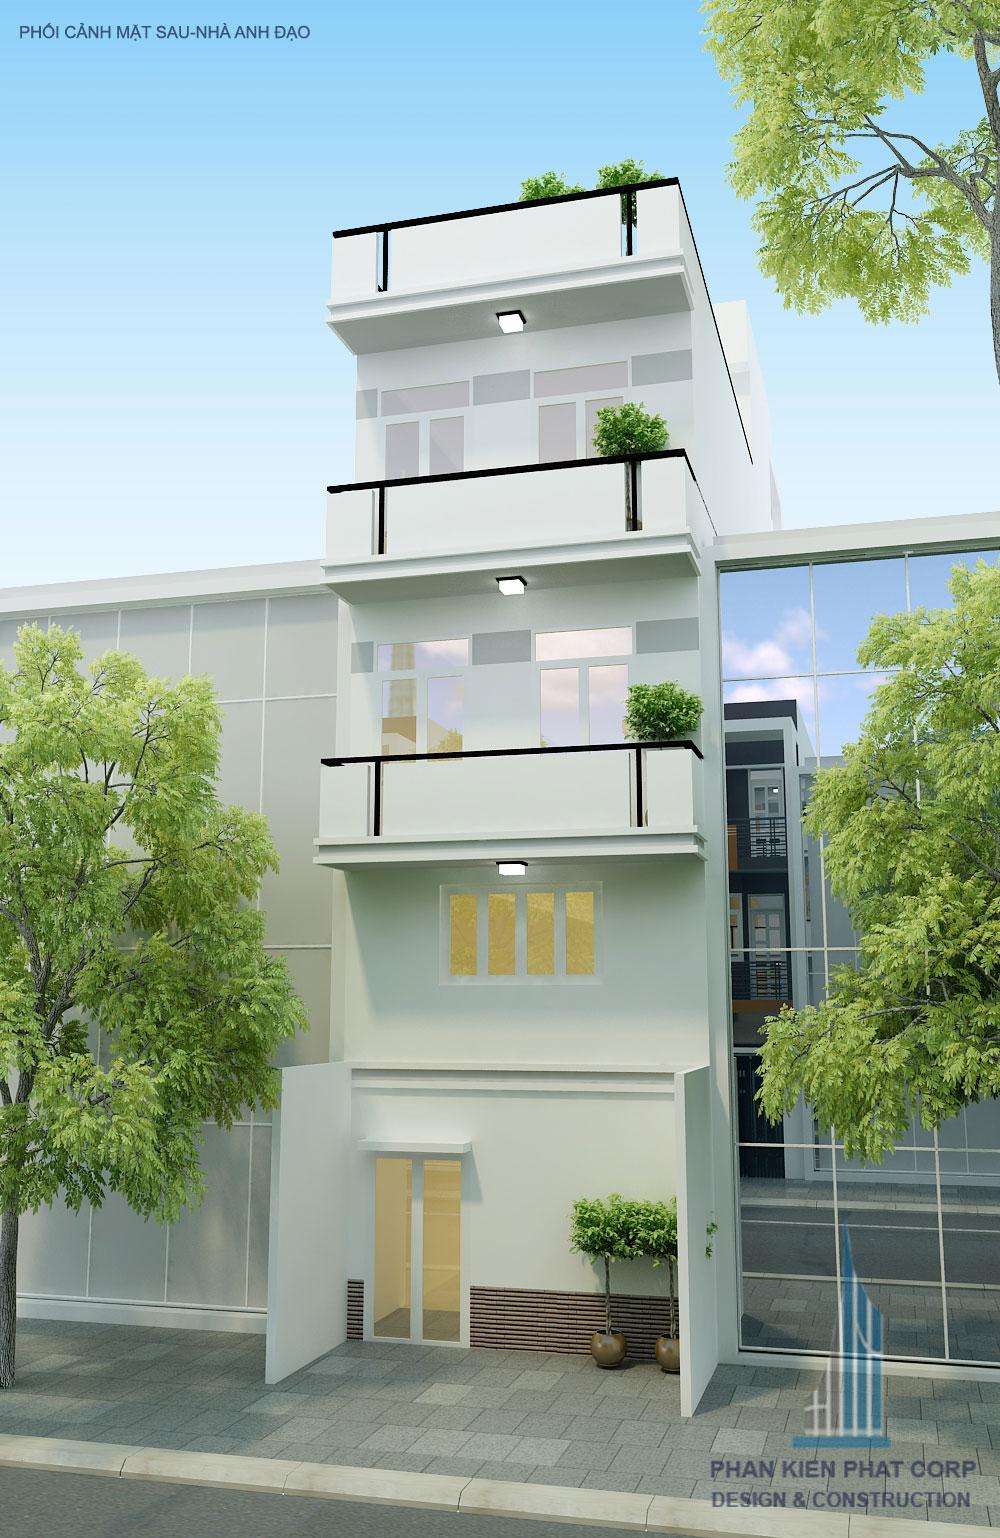 Phối cảnh mặt sau bản vẽ nhà phố 4 tầng diện tích 4x15m